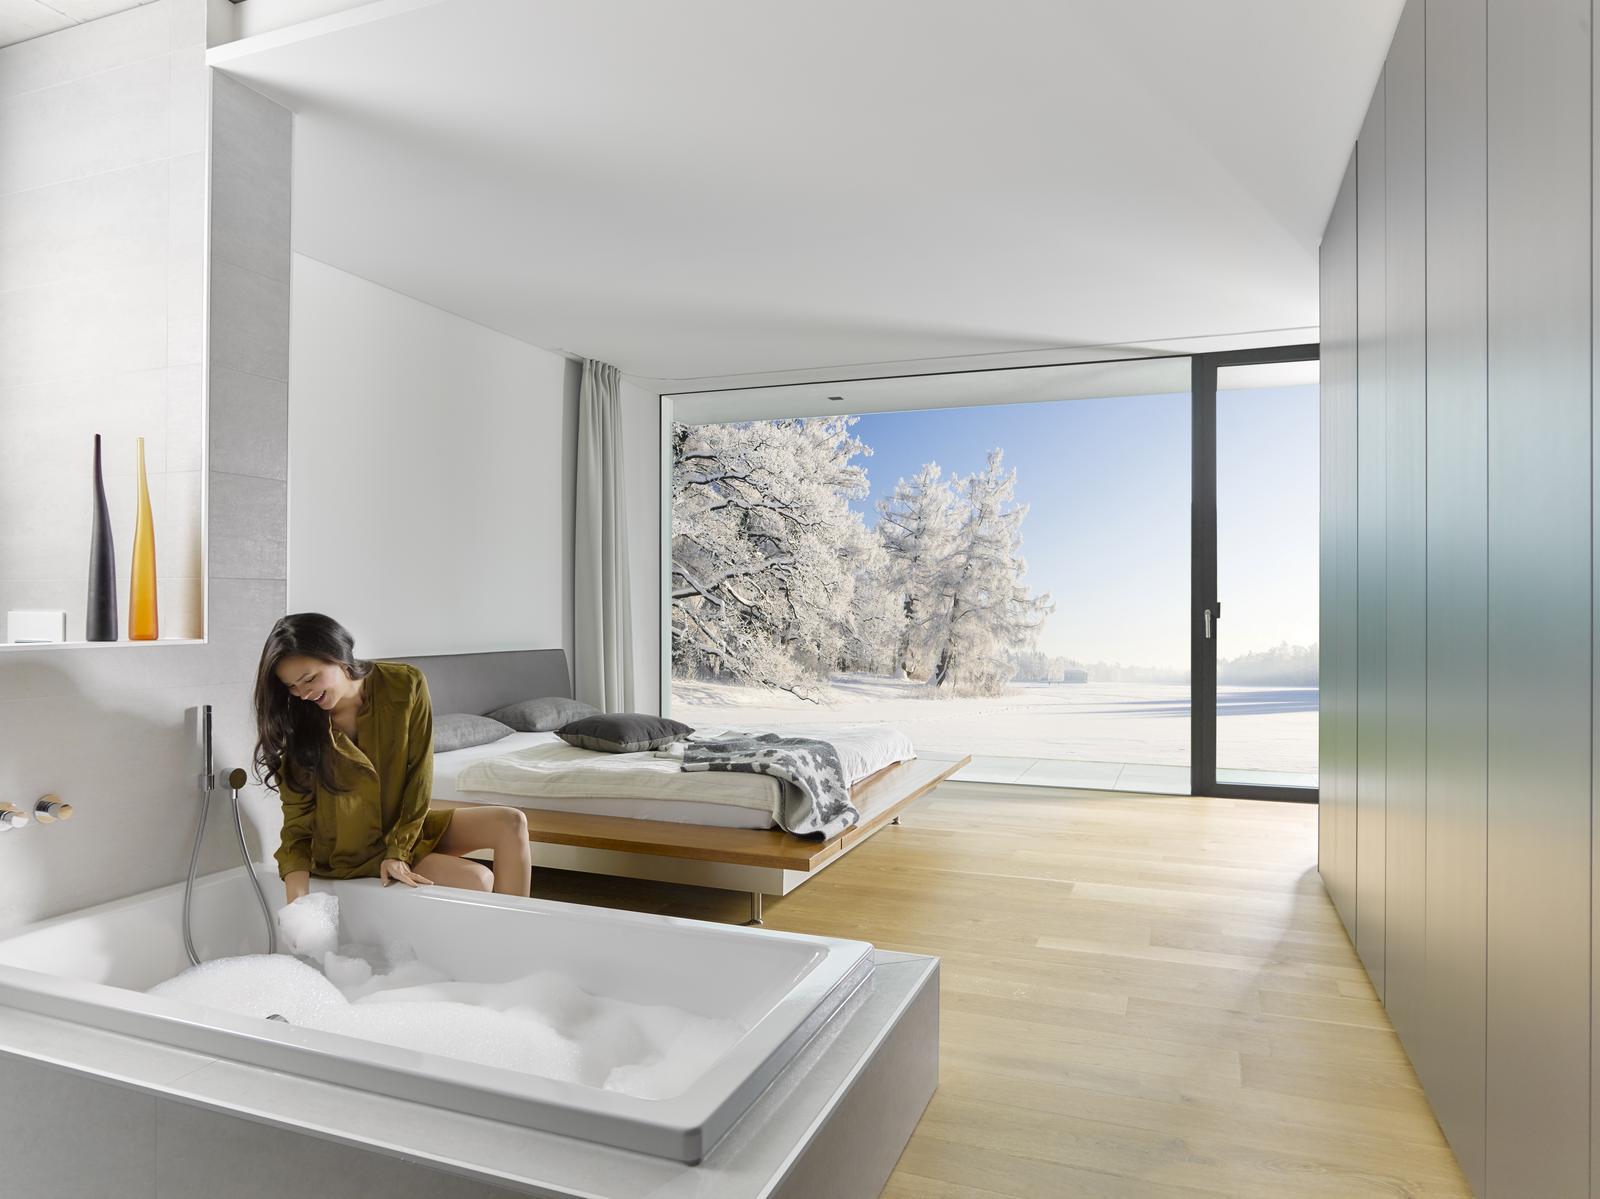 Inšpirujte sa.... kúpeľňa s krásnym výhľadom - Obrázok č. 2